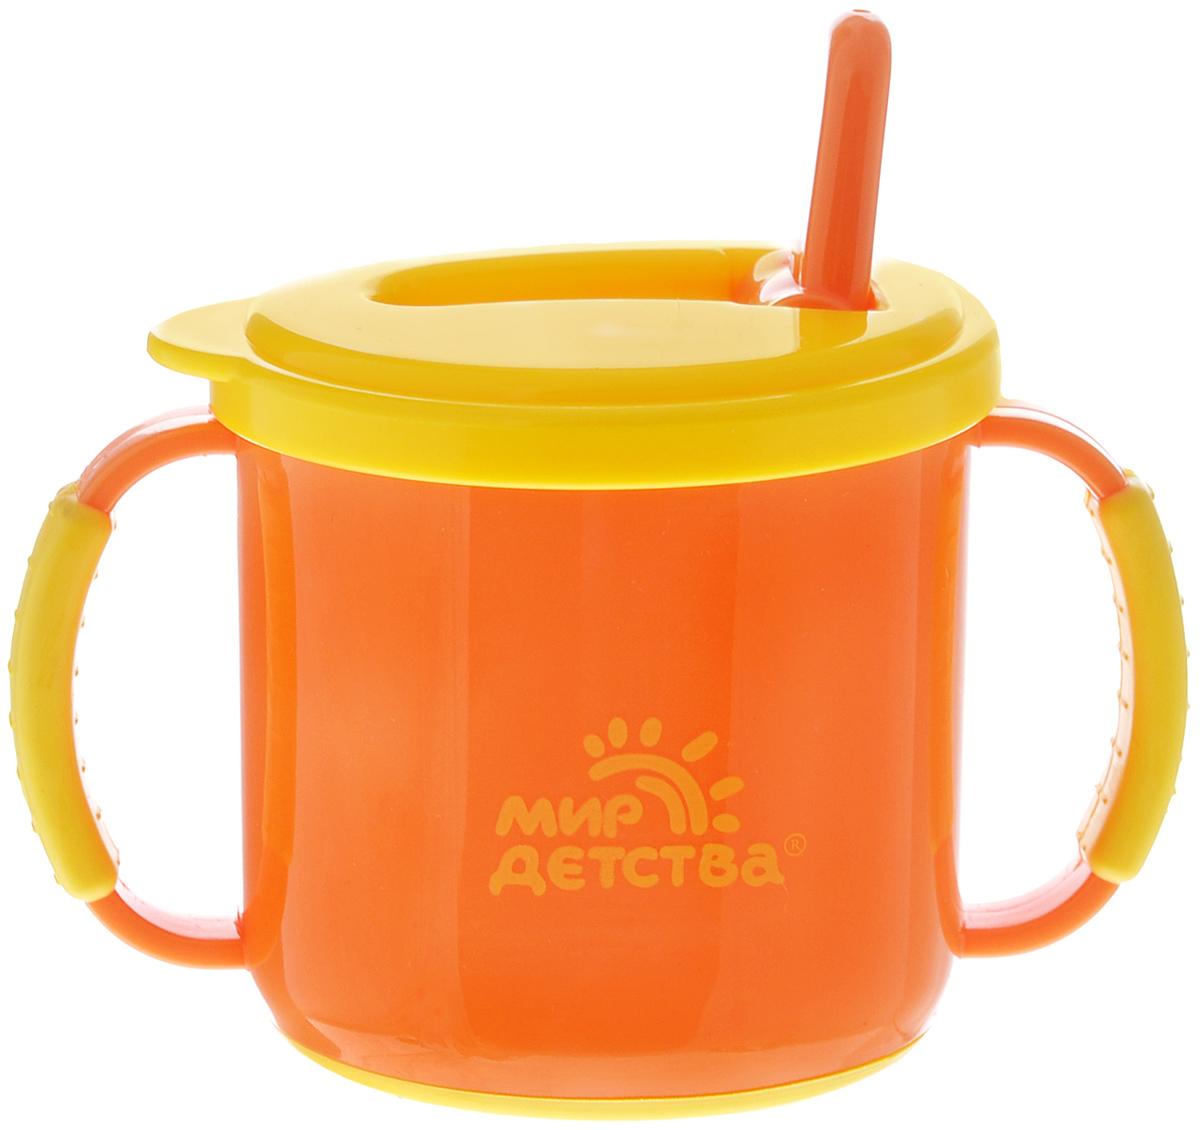 Мир детства Поильник-непроливайка с ручками цвет оранжевый желтый от 8 месяцев 200 мл